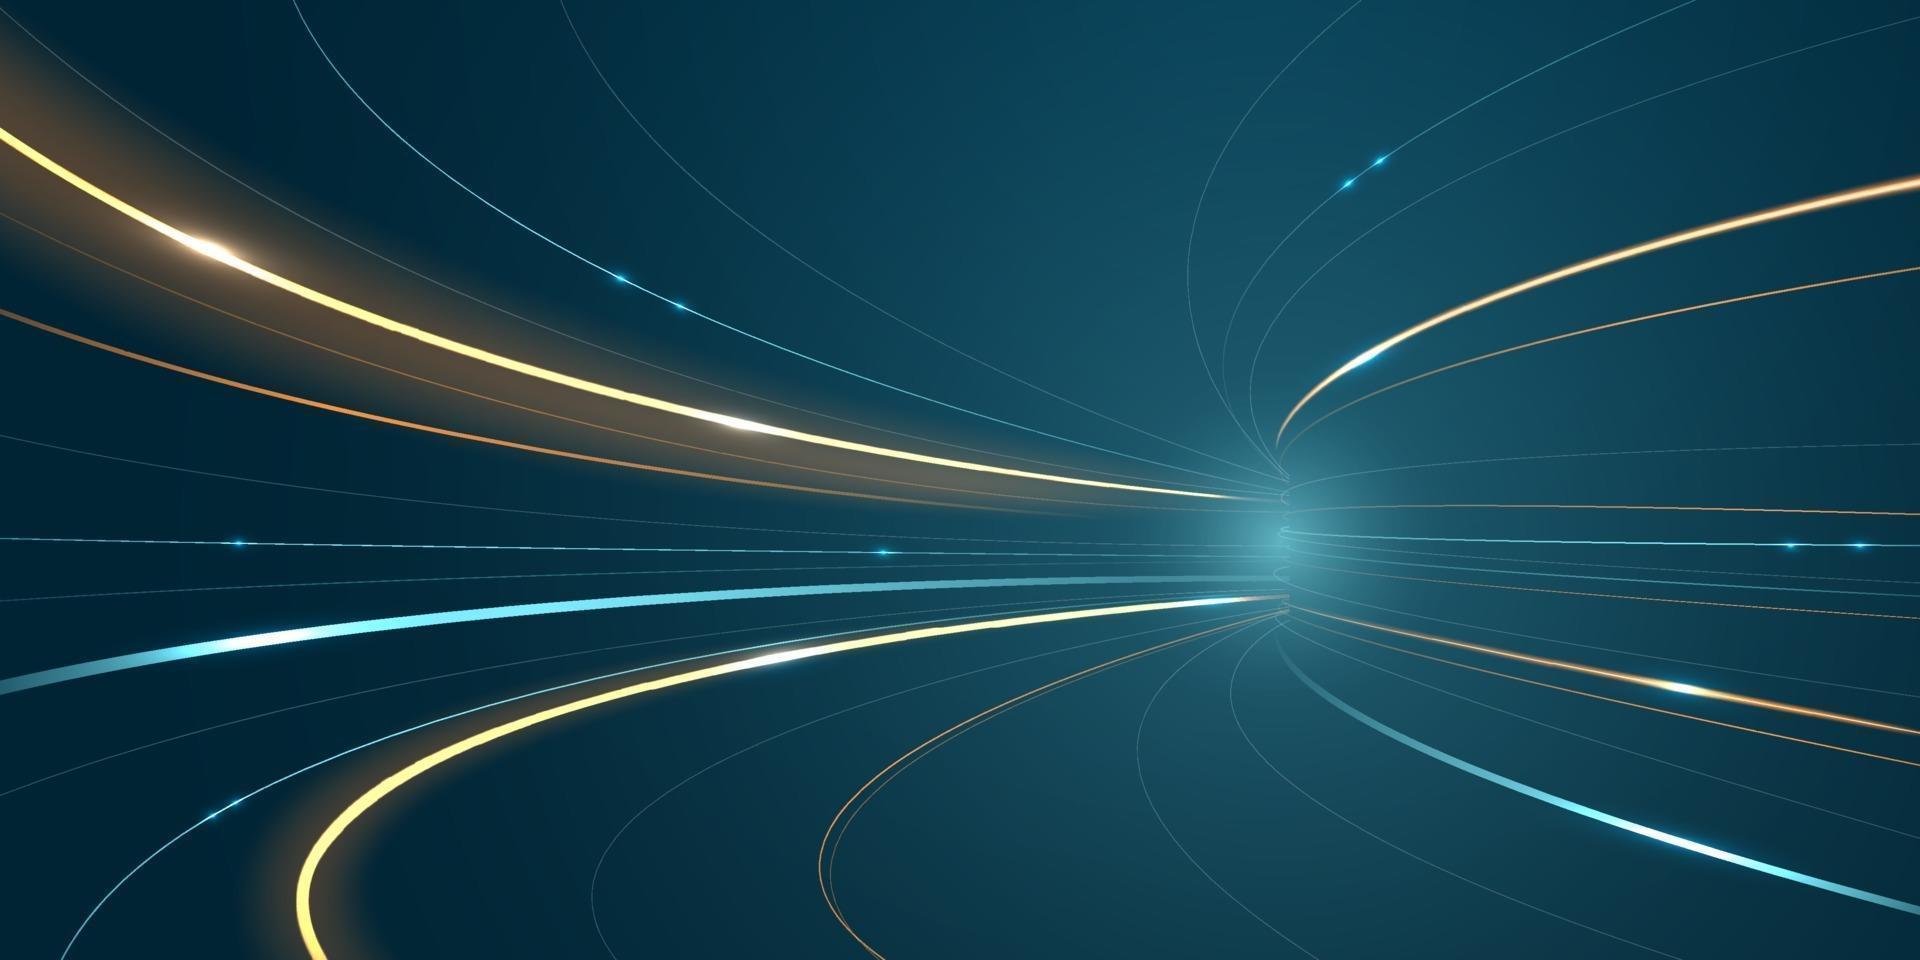 abstrato velocidade linha fundo tecnologia rede ilustração vetorial. vetor